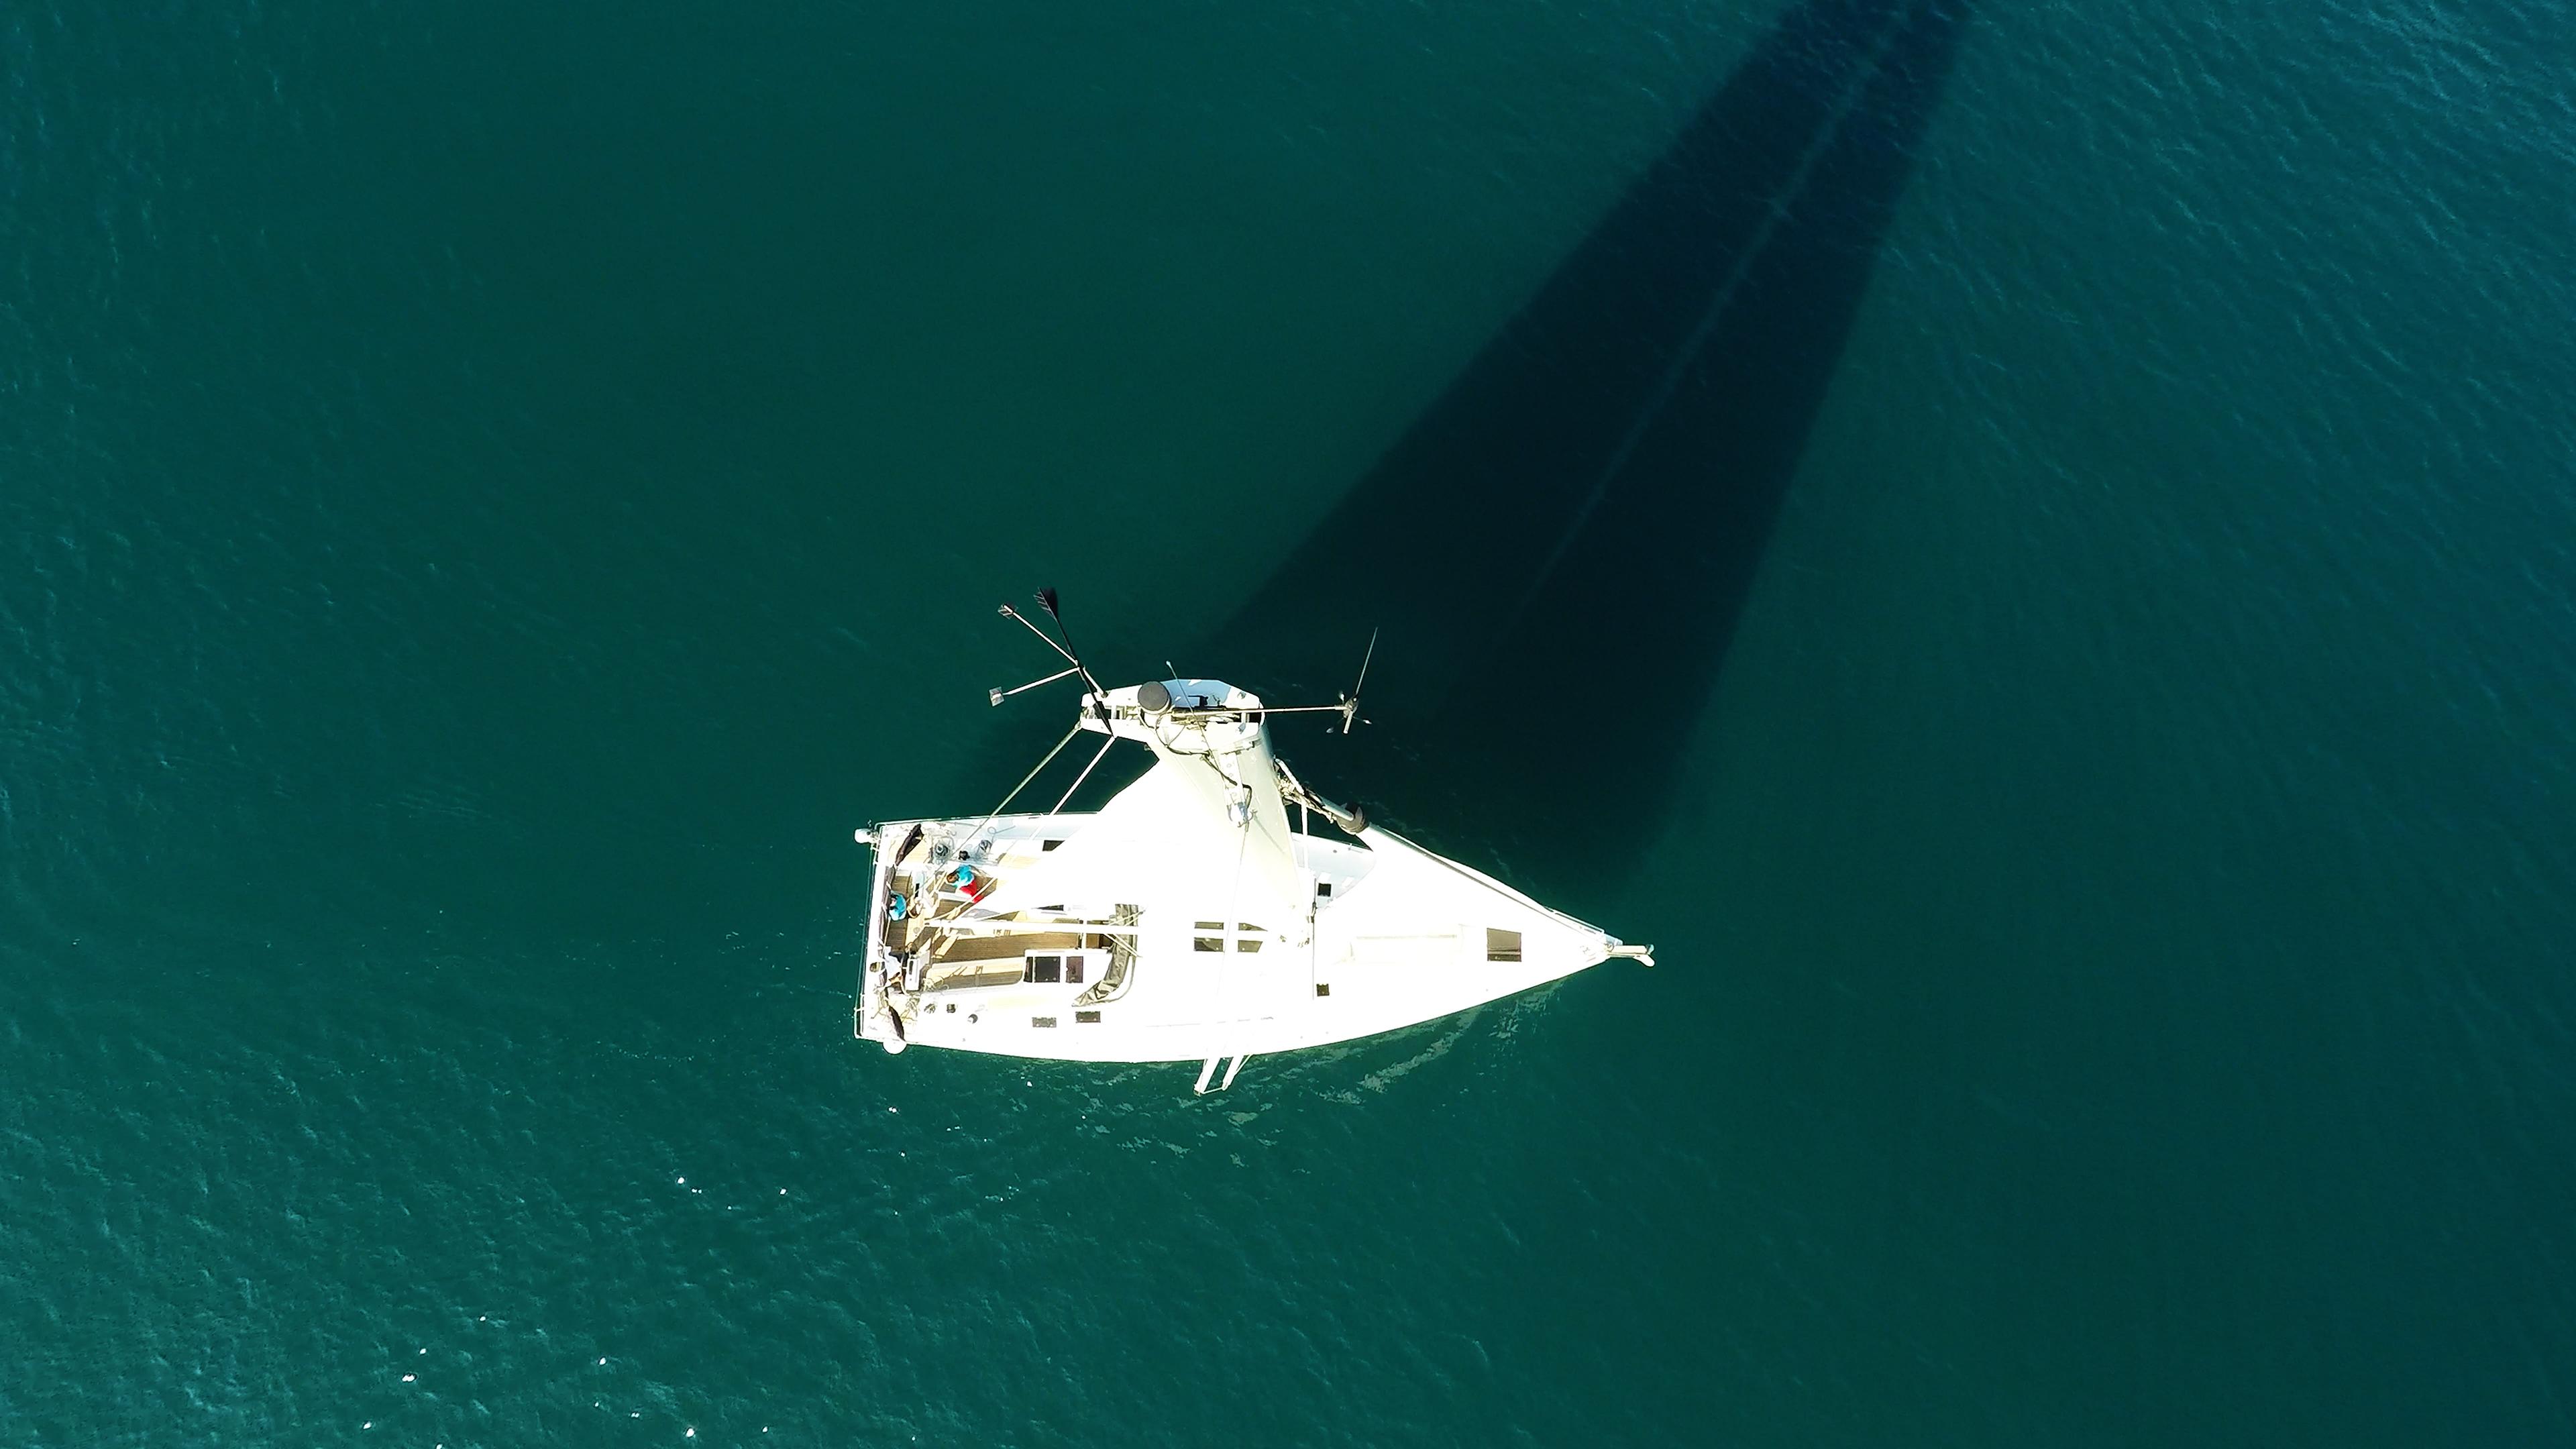 vrh jarbola jedra snast paluba od jedrilice more Hanse 505